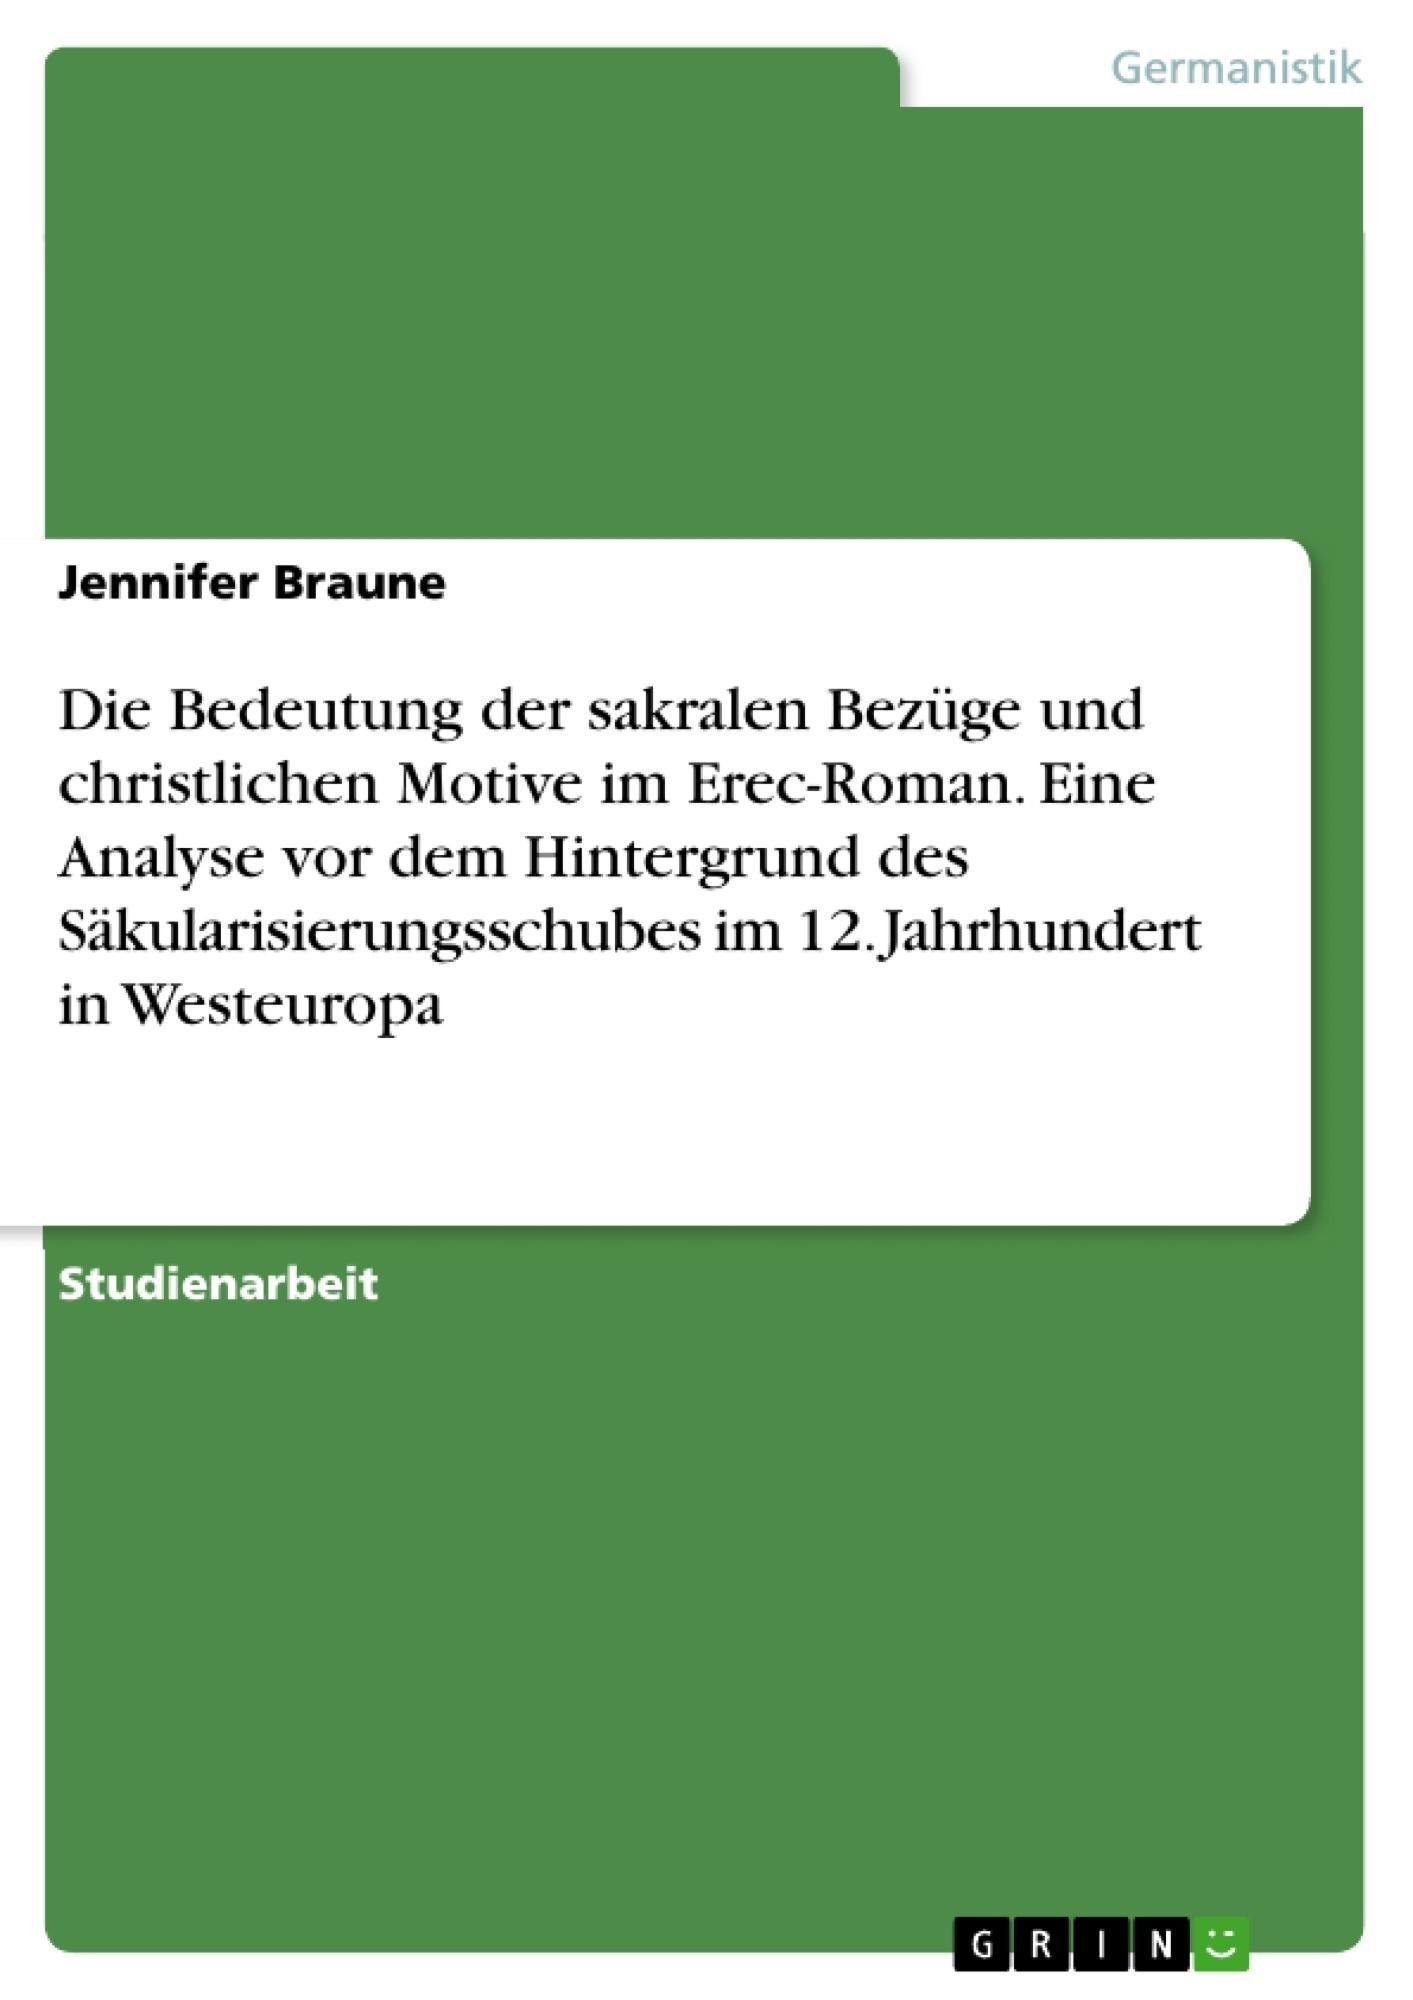 Titel: Die Bedeutung der sakralen Bezüge und christlichen Motive im Erec-Roman. Eine Analyse vor dem Hintergrund des Säkularisierungsschubes im 12. Jahrhundert in Westeuropa